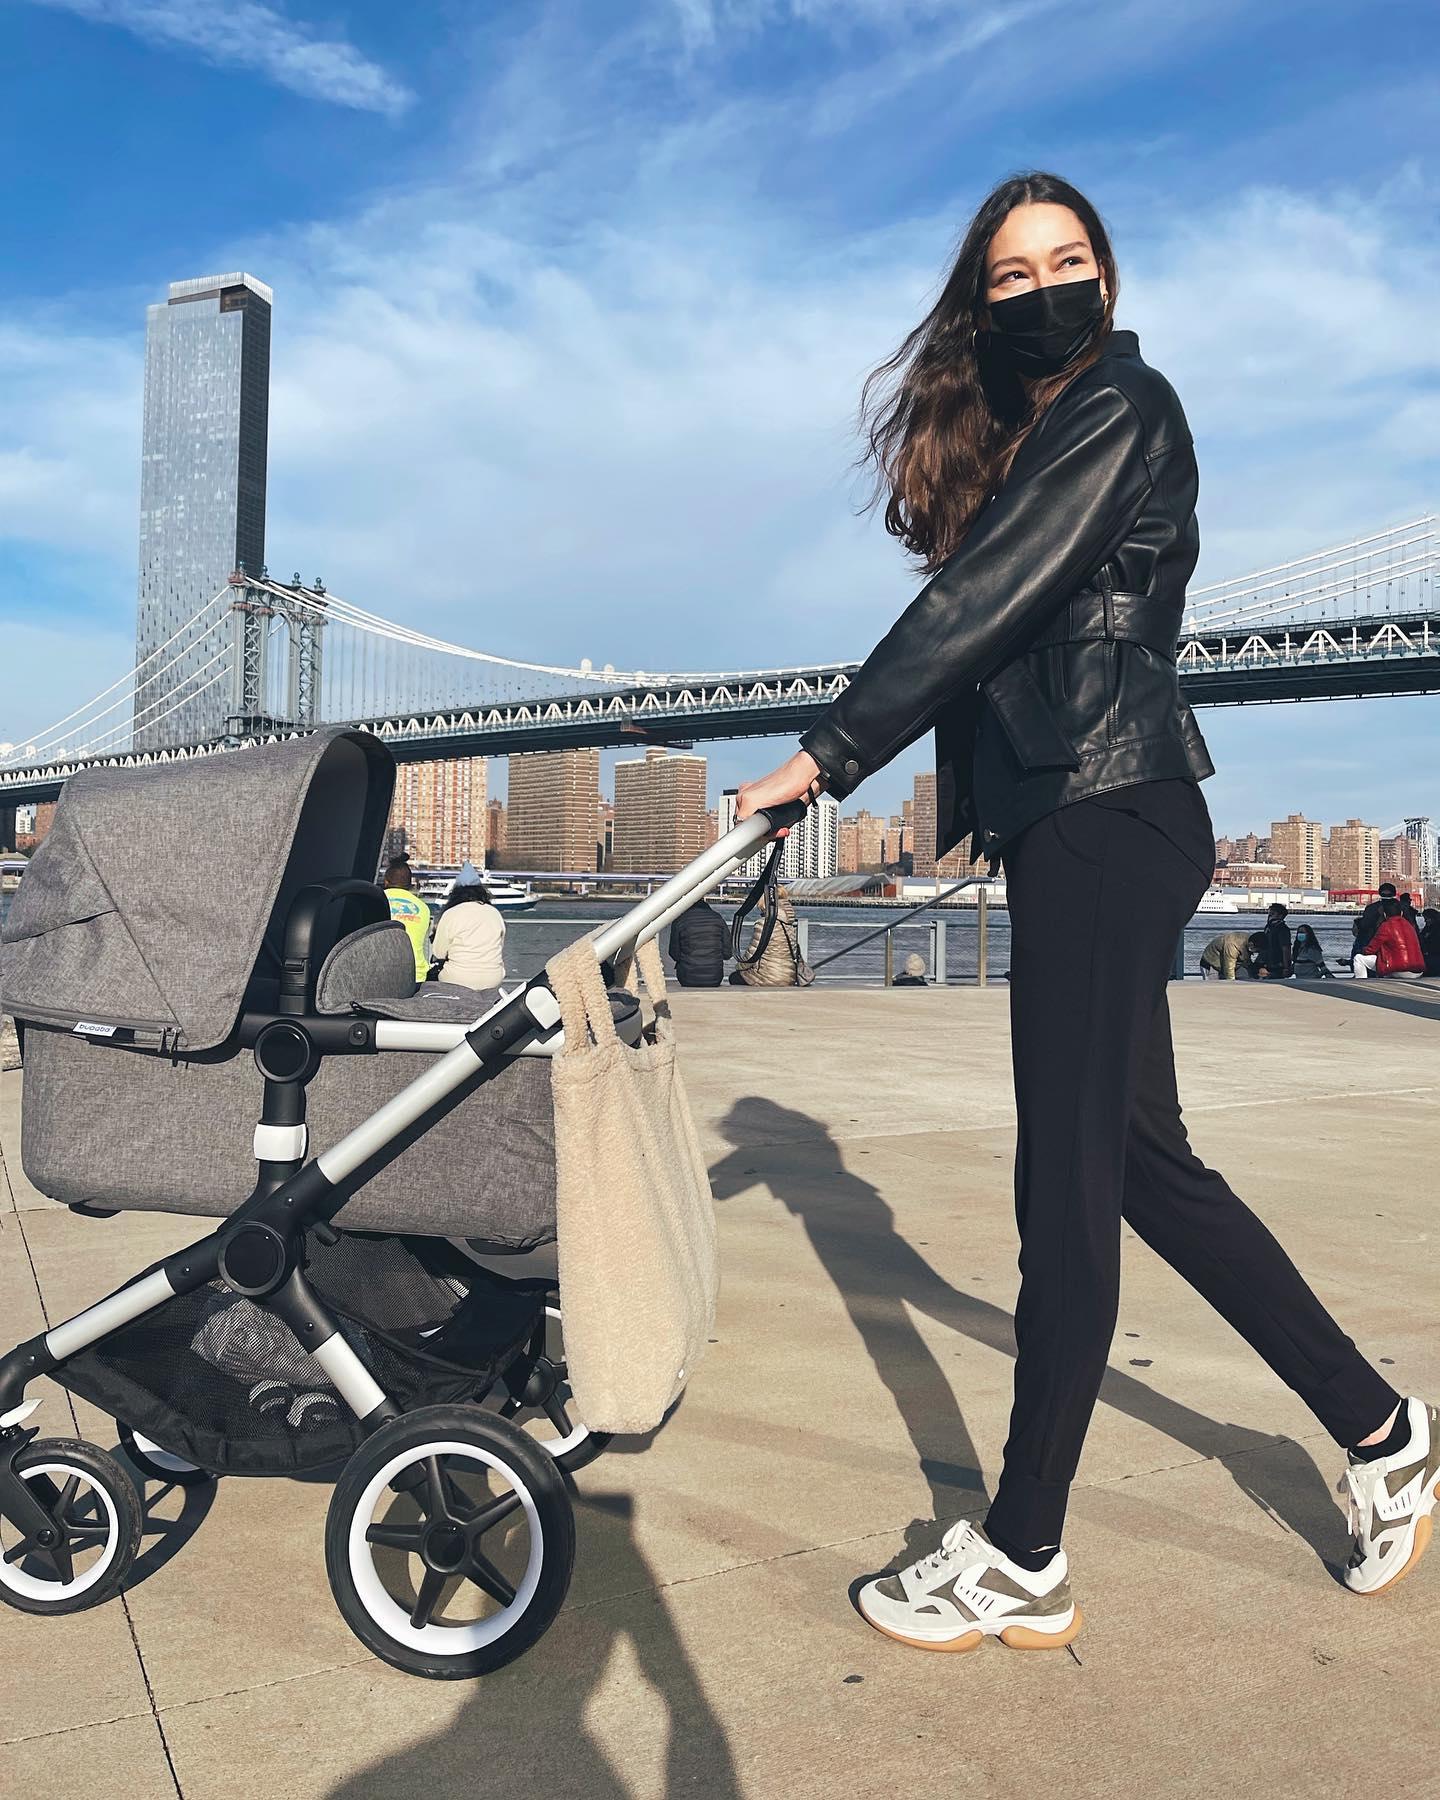 Woman walking baby stroller in New York City. Woman wearing loungewear outside. Woman running errands in NYC.